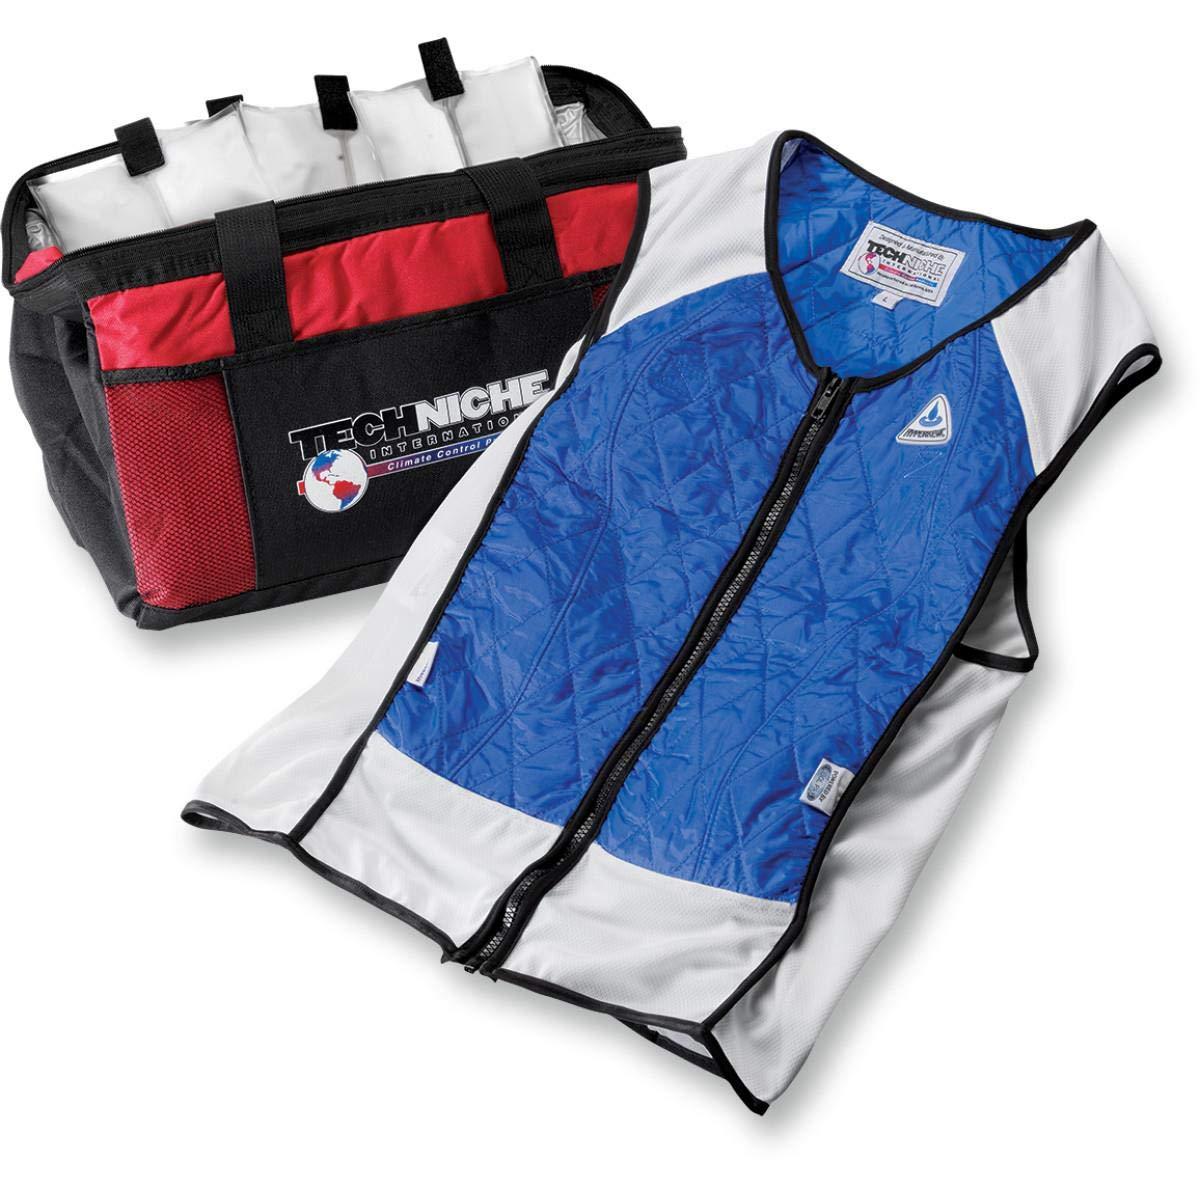 Techniche Coolpax Cooling Inserts Hybrid Elite Sport Cooling Vest 7065V